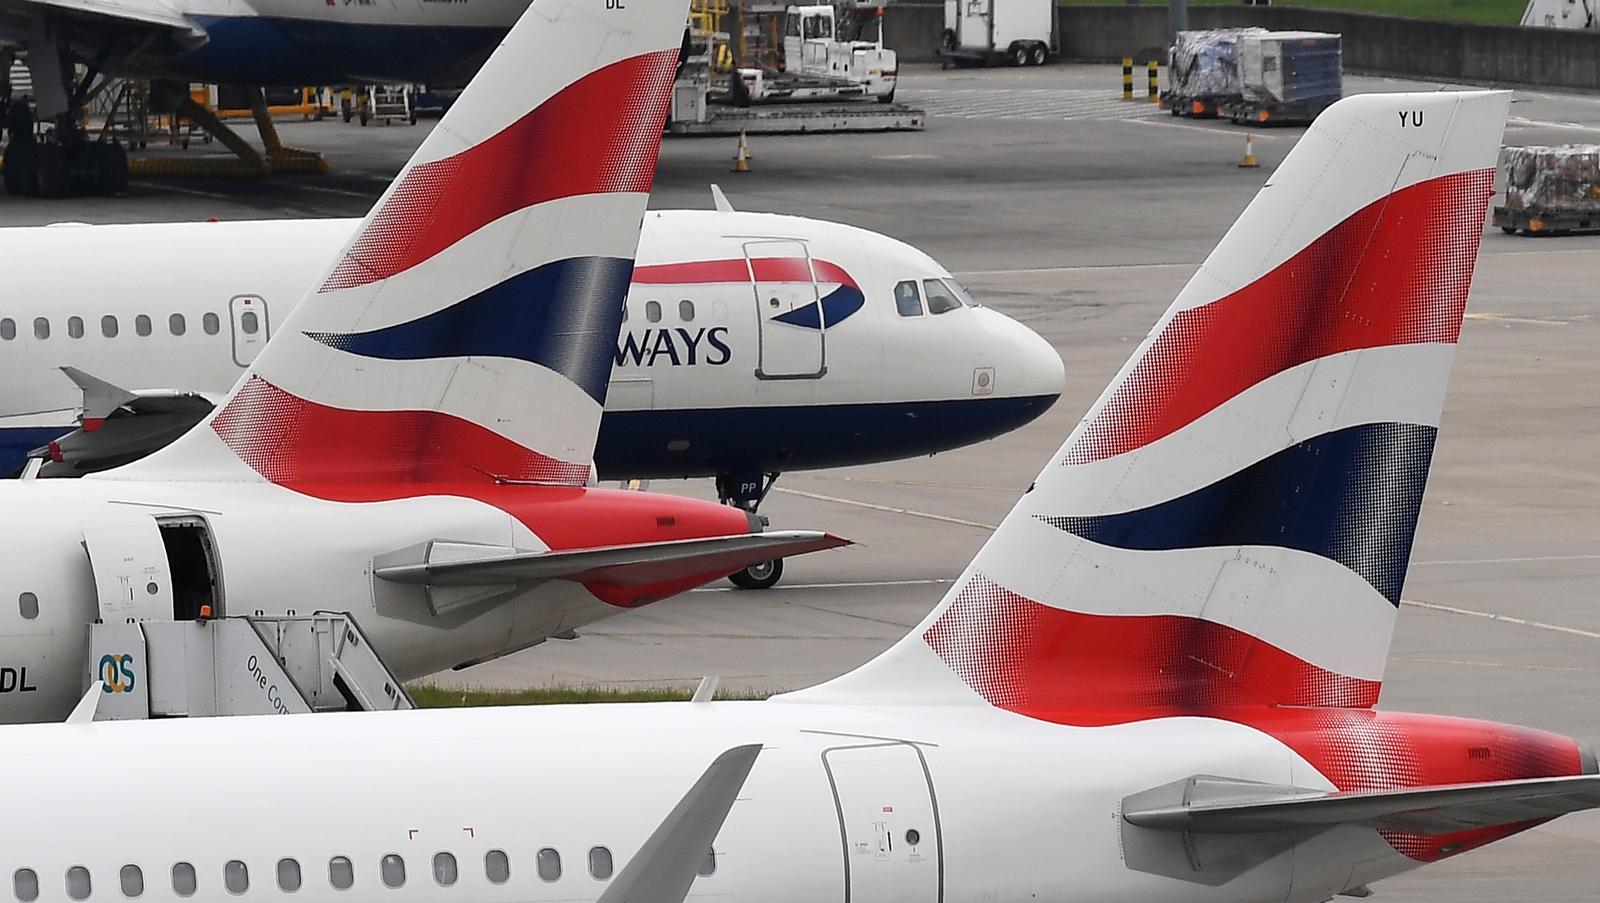 Most British Airways UK flights cancelled due to strike